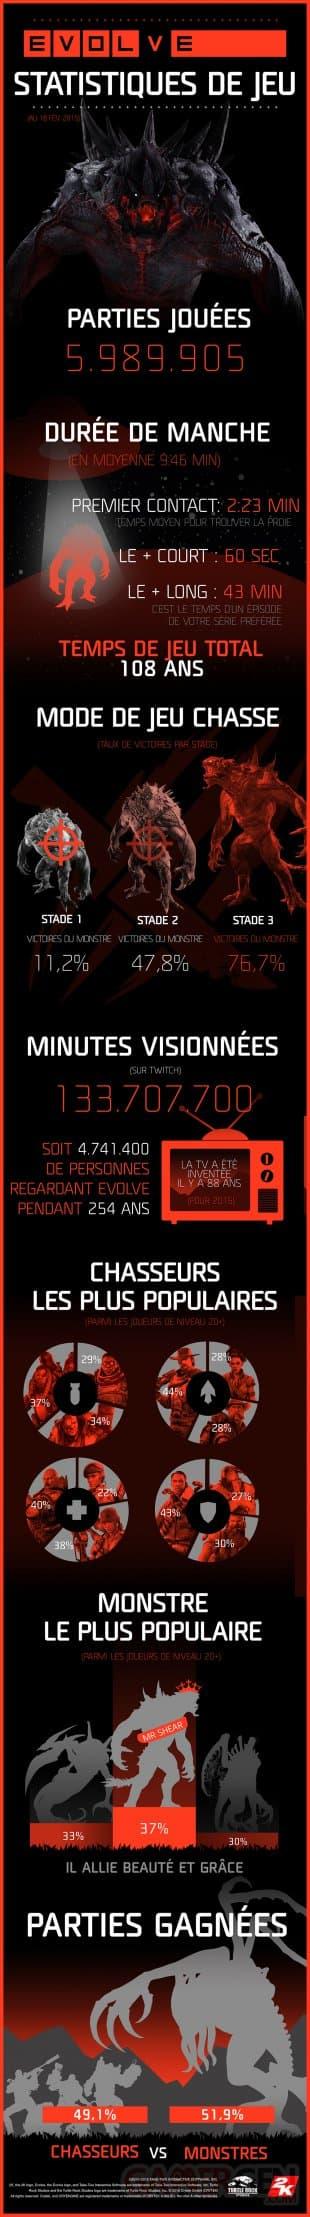 Evolve: des chiffres impressionants pour le jeu!